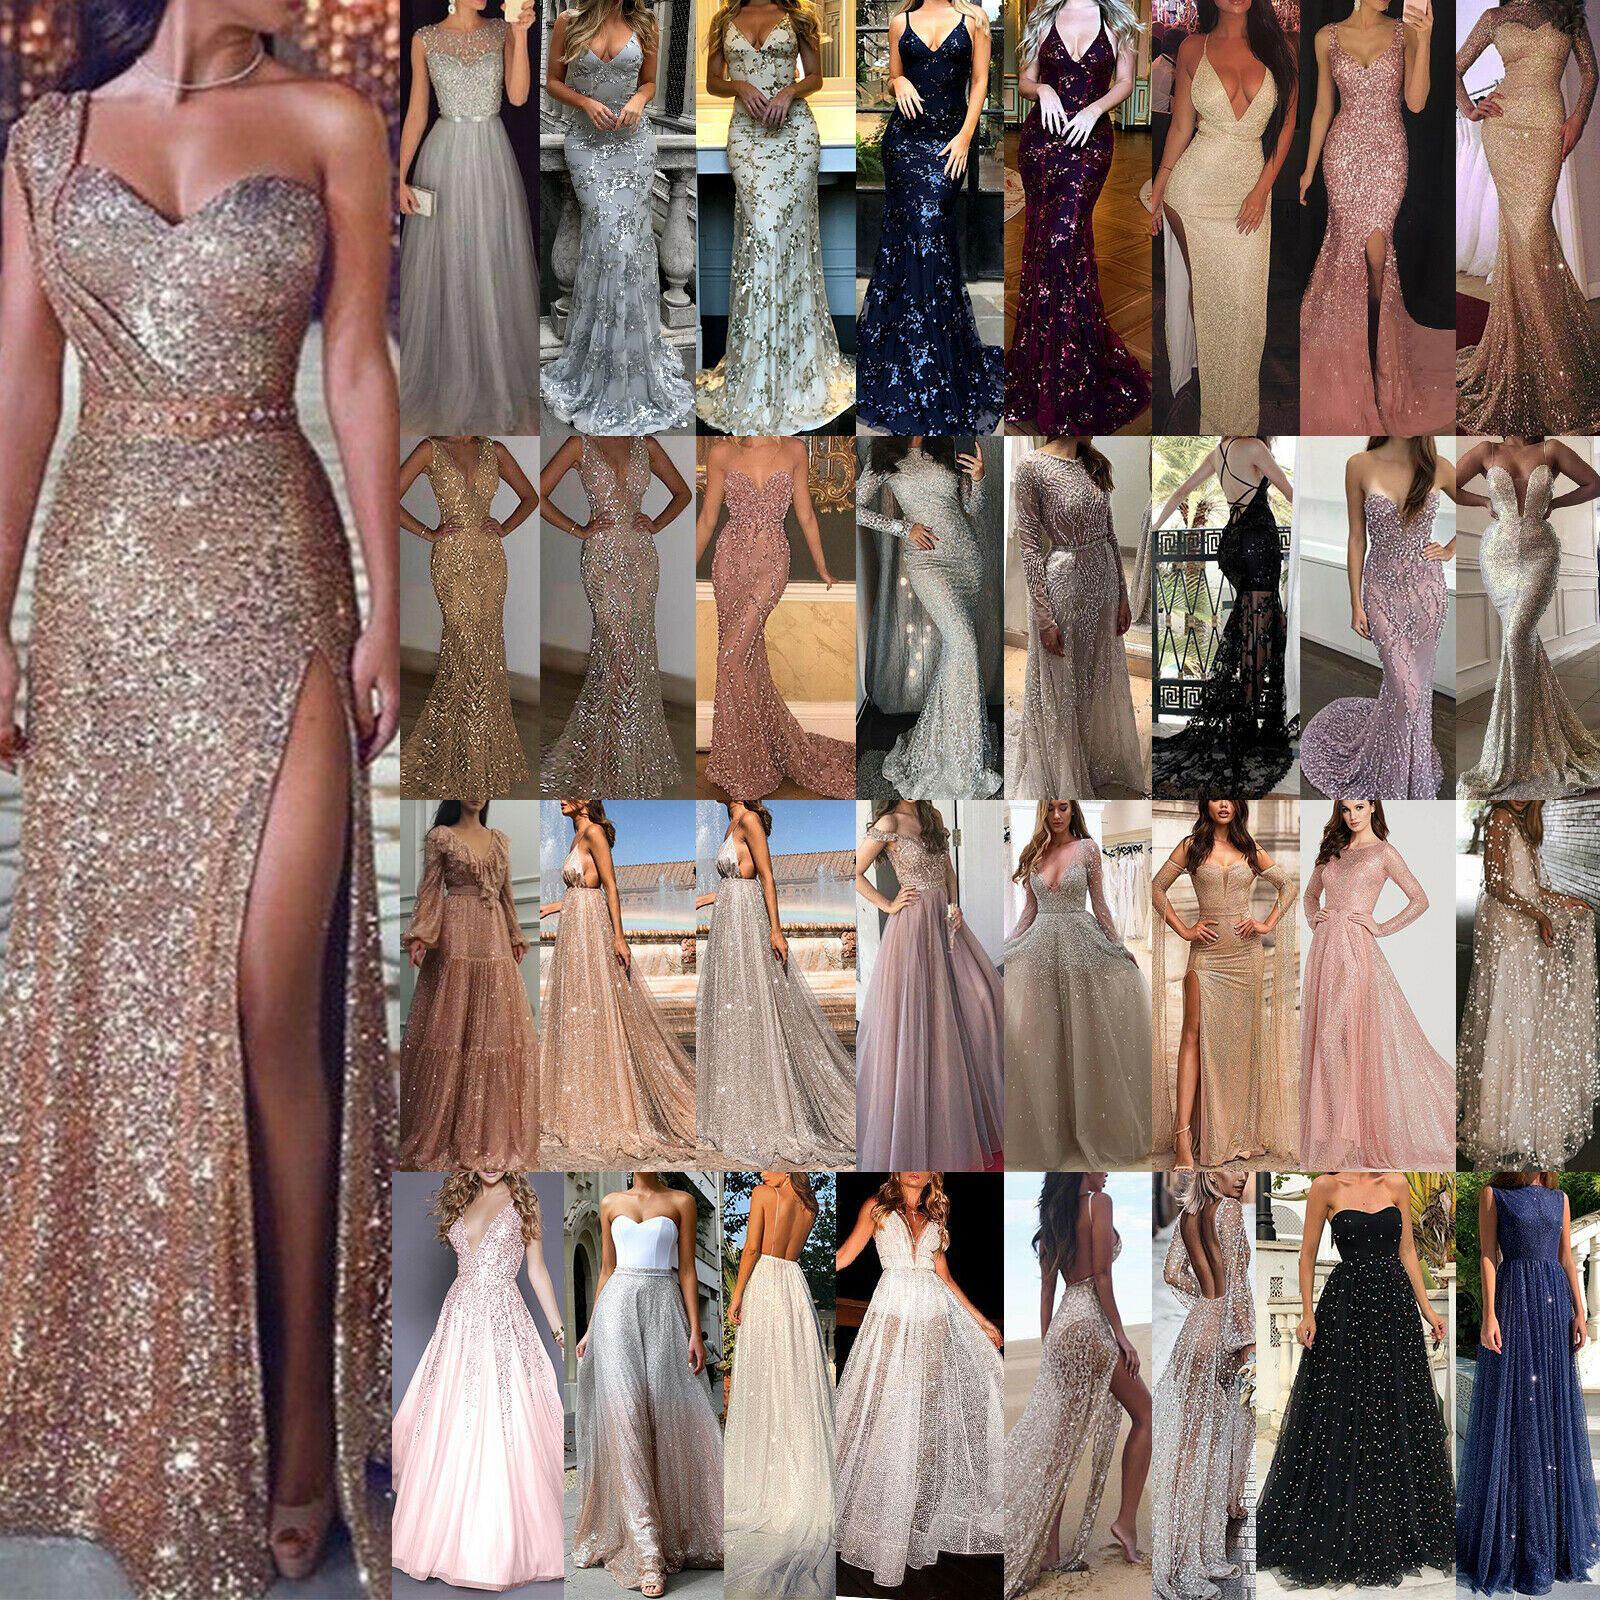 Formal Coolste Abendkleider Pailletten Damen Kleider Bester Preis20 Kreativ Abendkleider Pailletten Damen Kleider Vertrieb